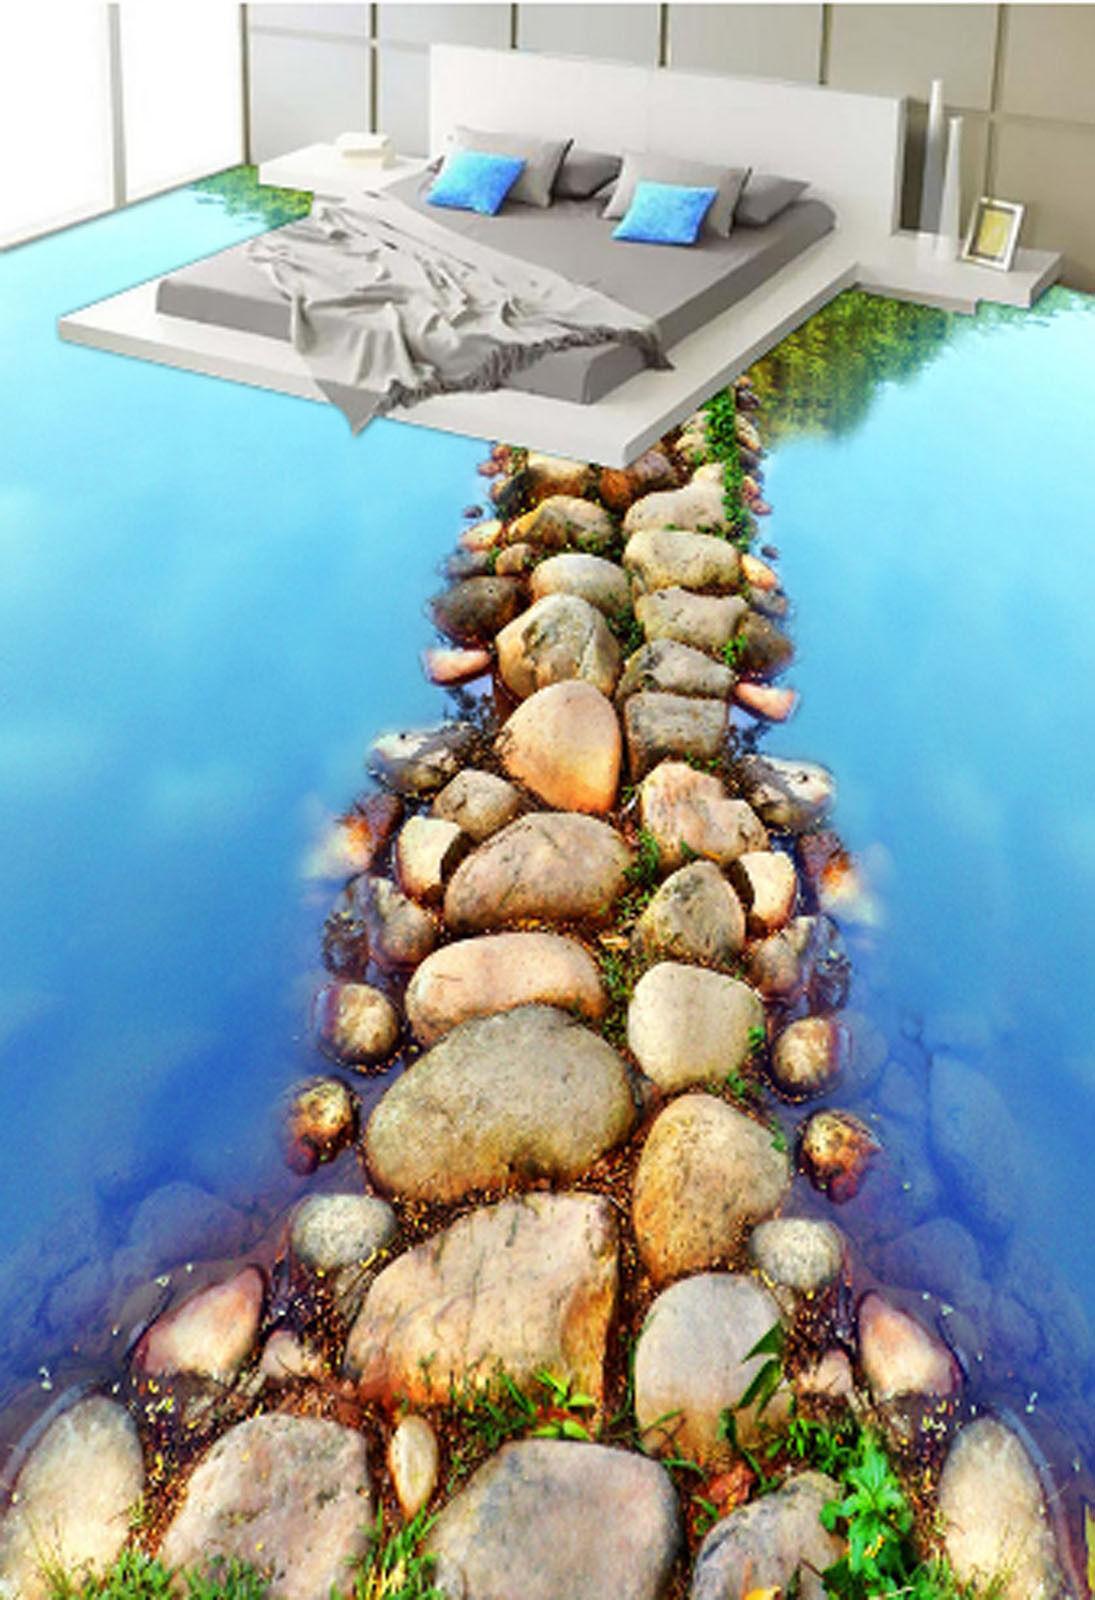 3D River Stone View 583 Floor WallPaper Murals Wallpaper Mural Print AJ AU Lemon